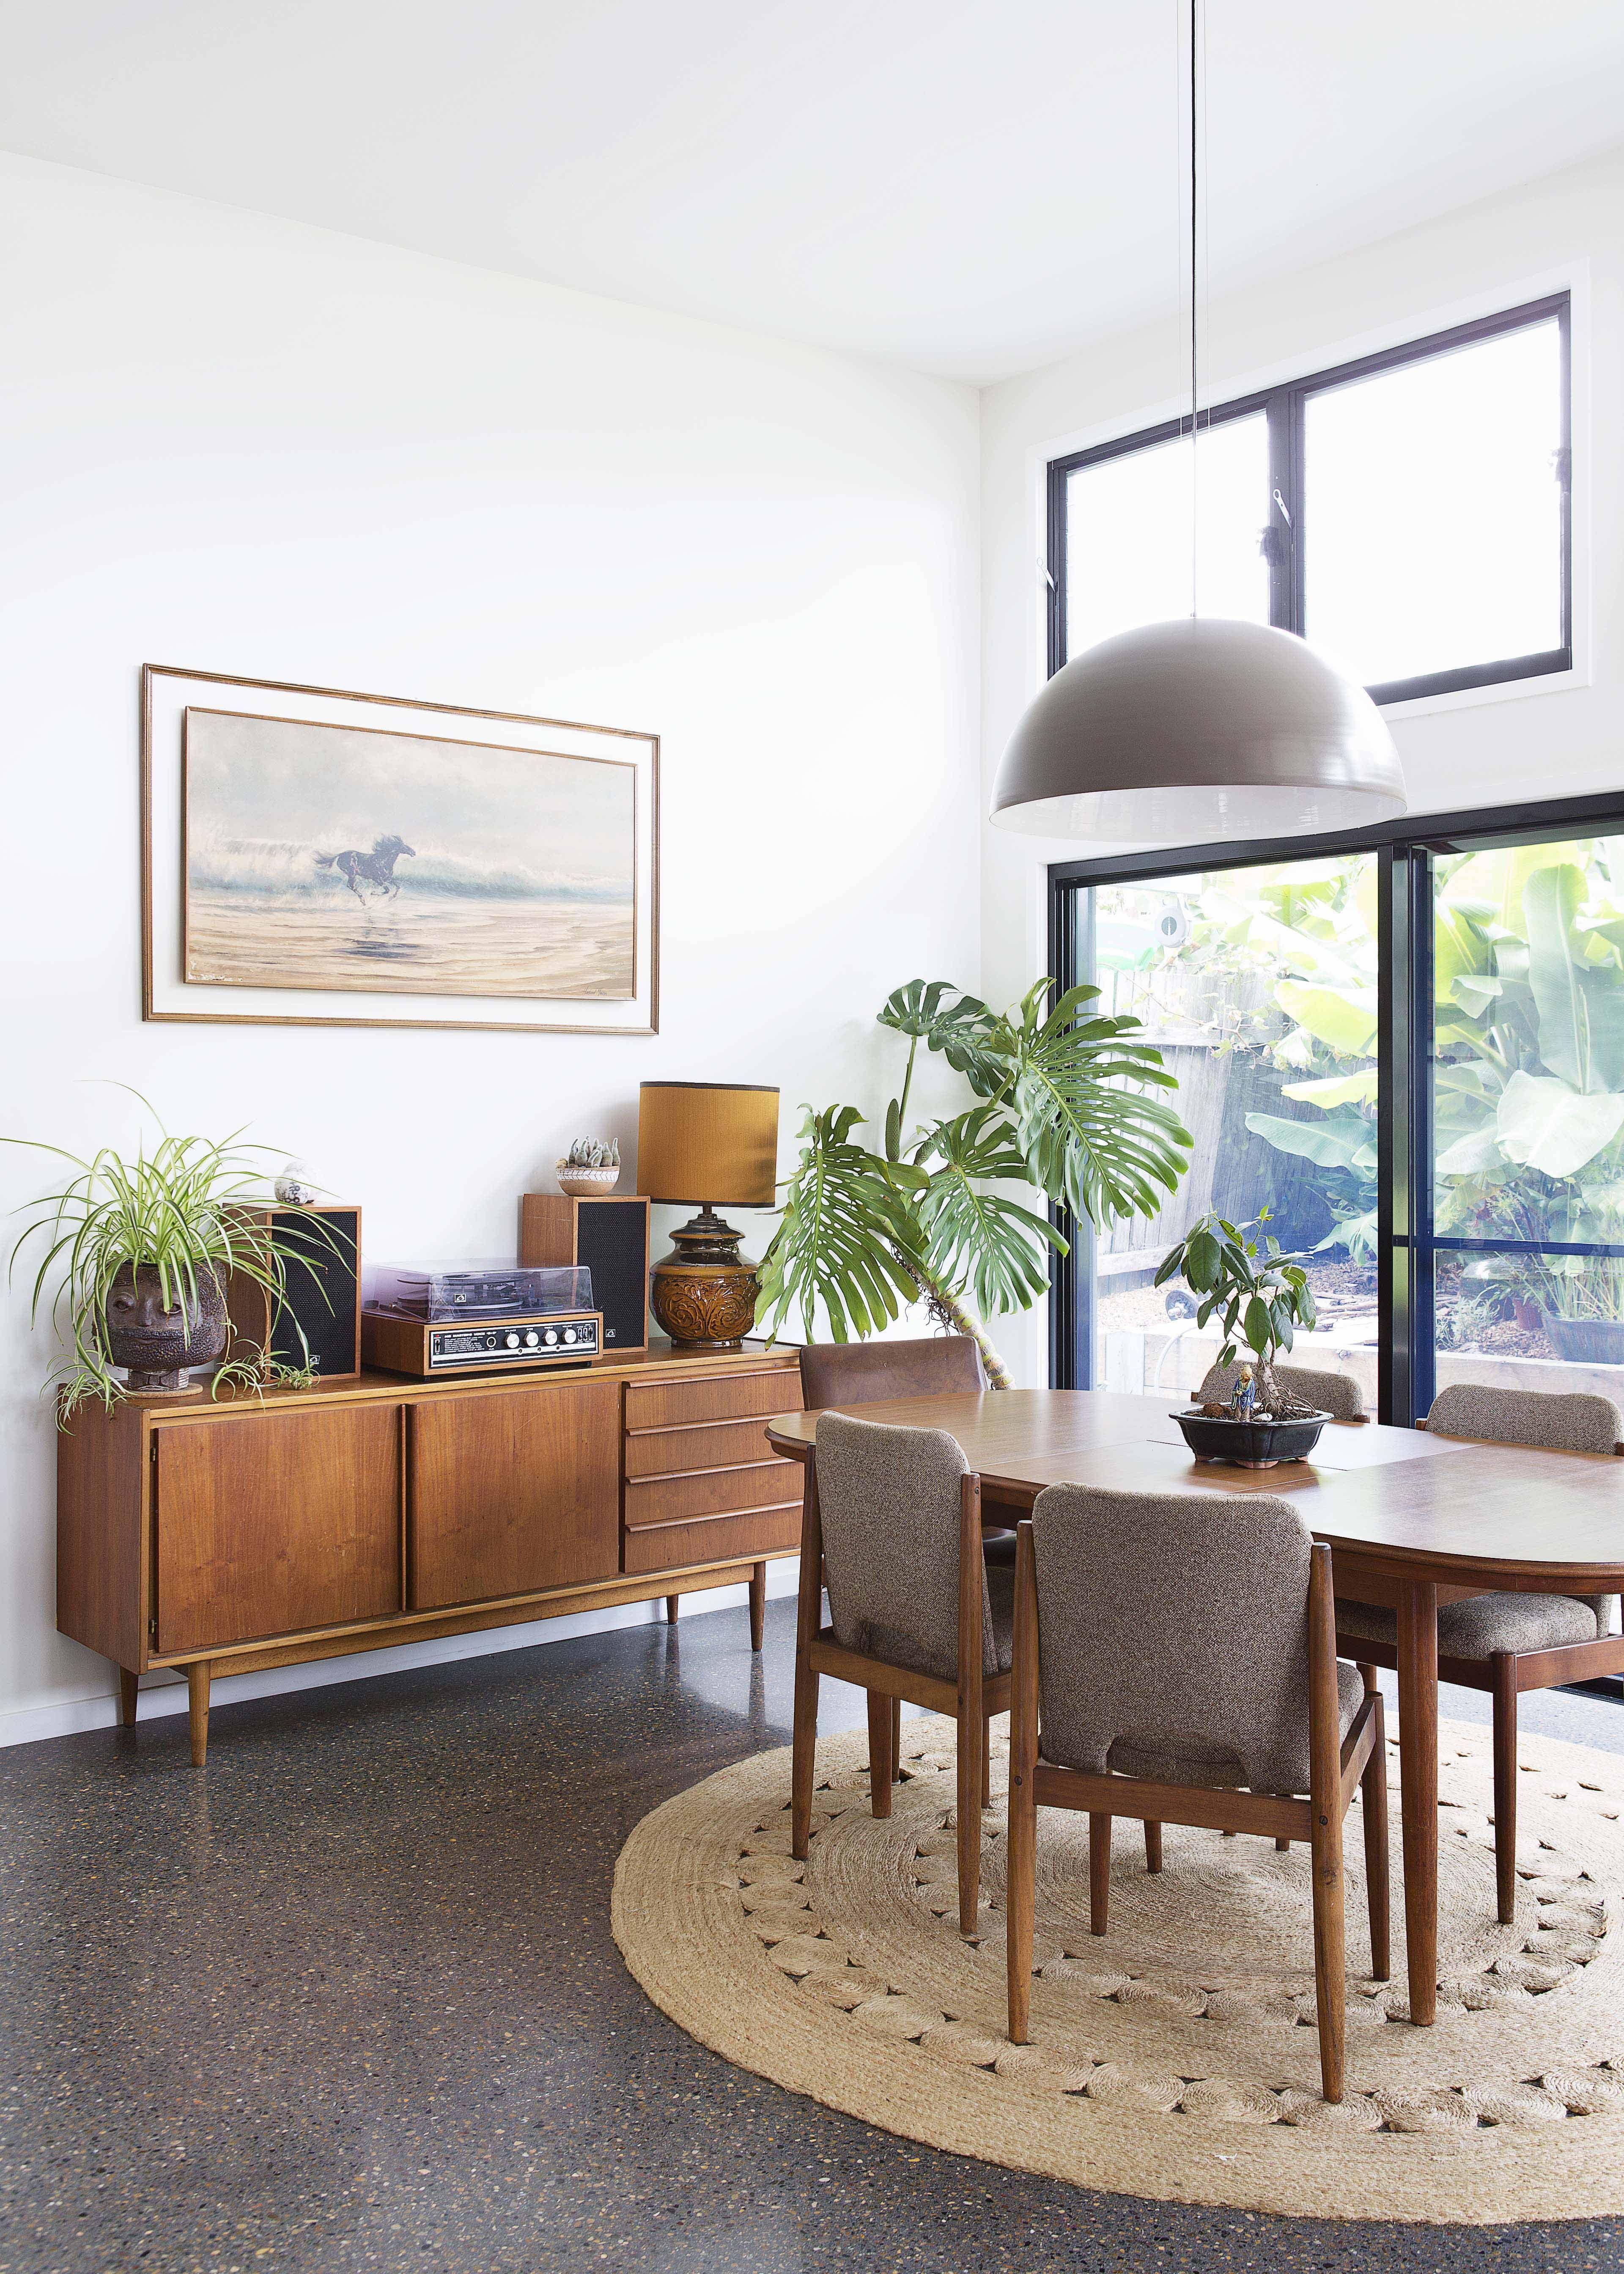 Home Inspiration Retro Fabulous Contemporary Home Decor Retro